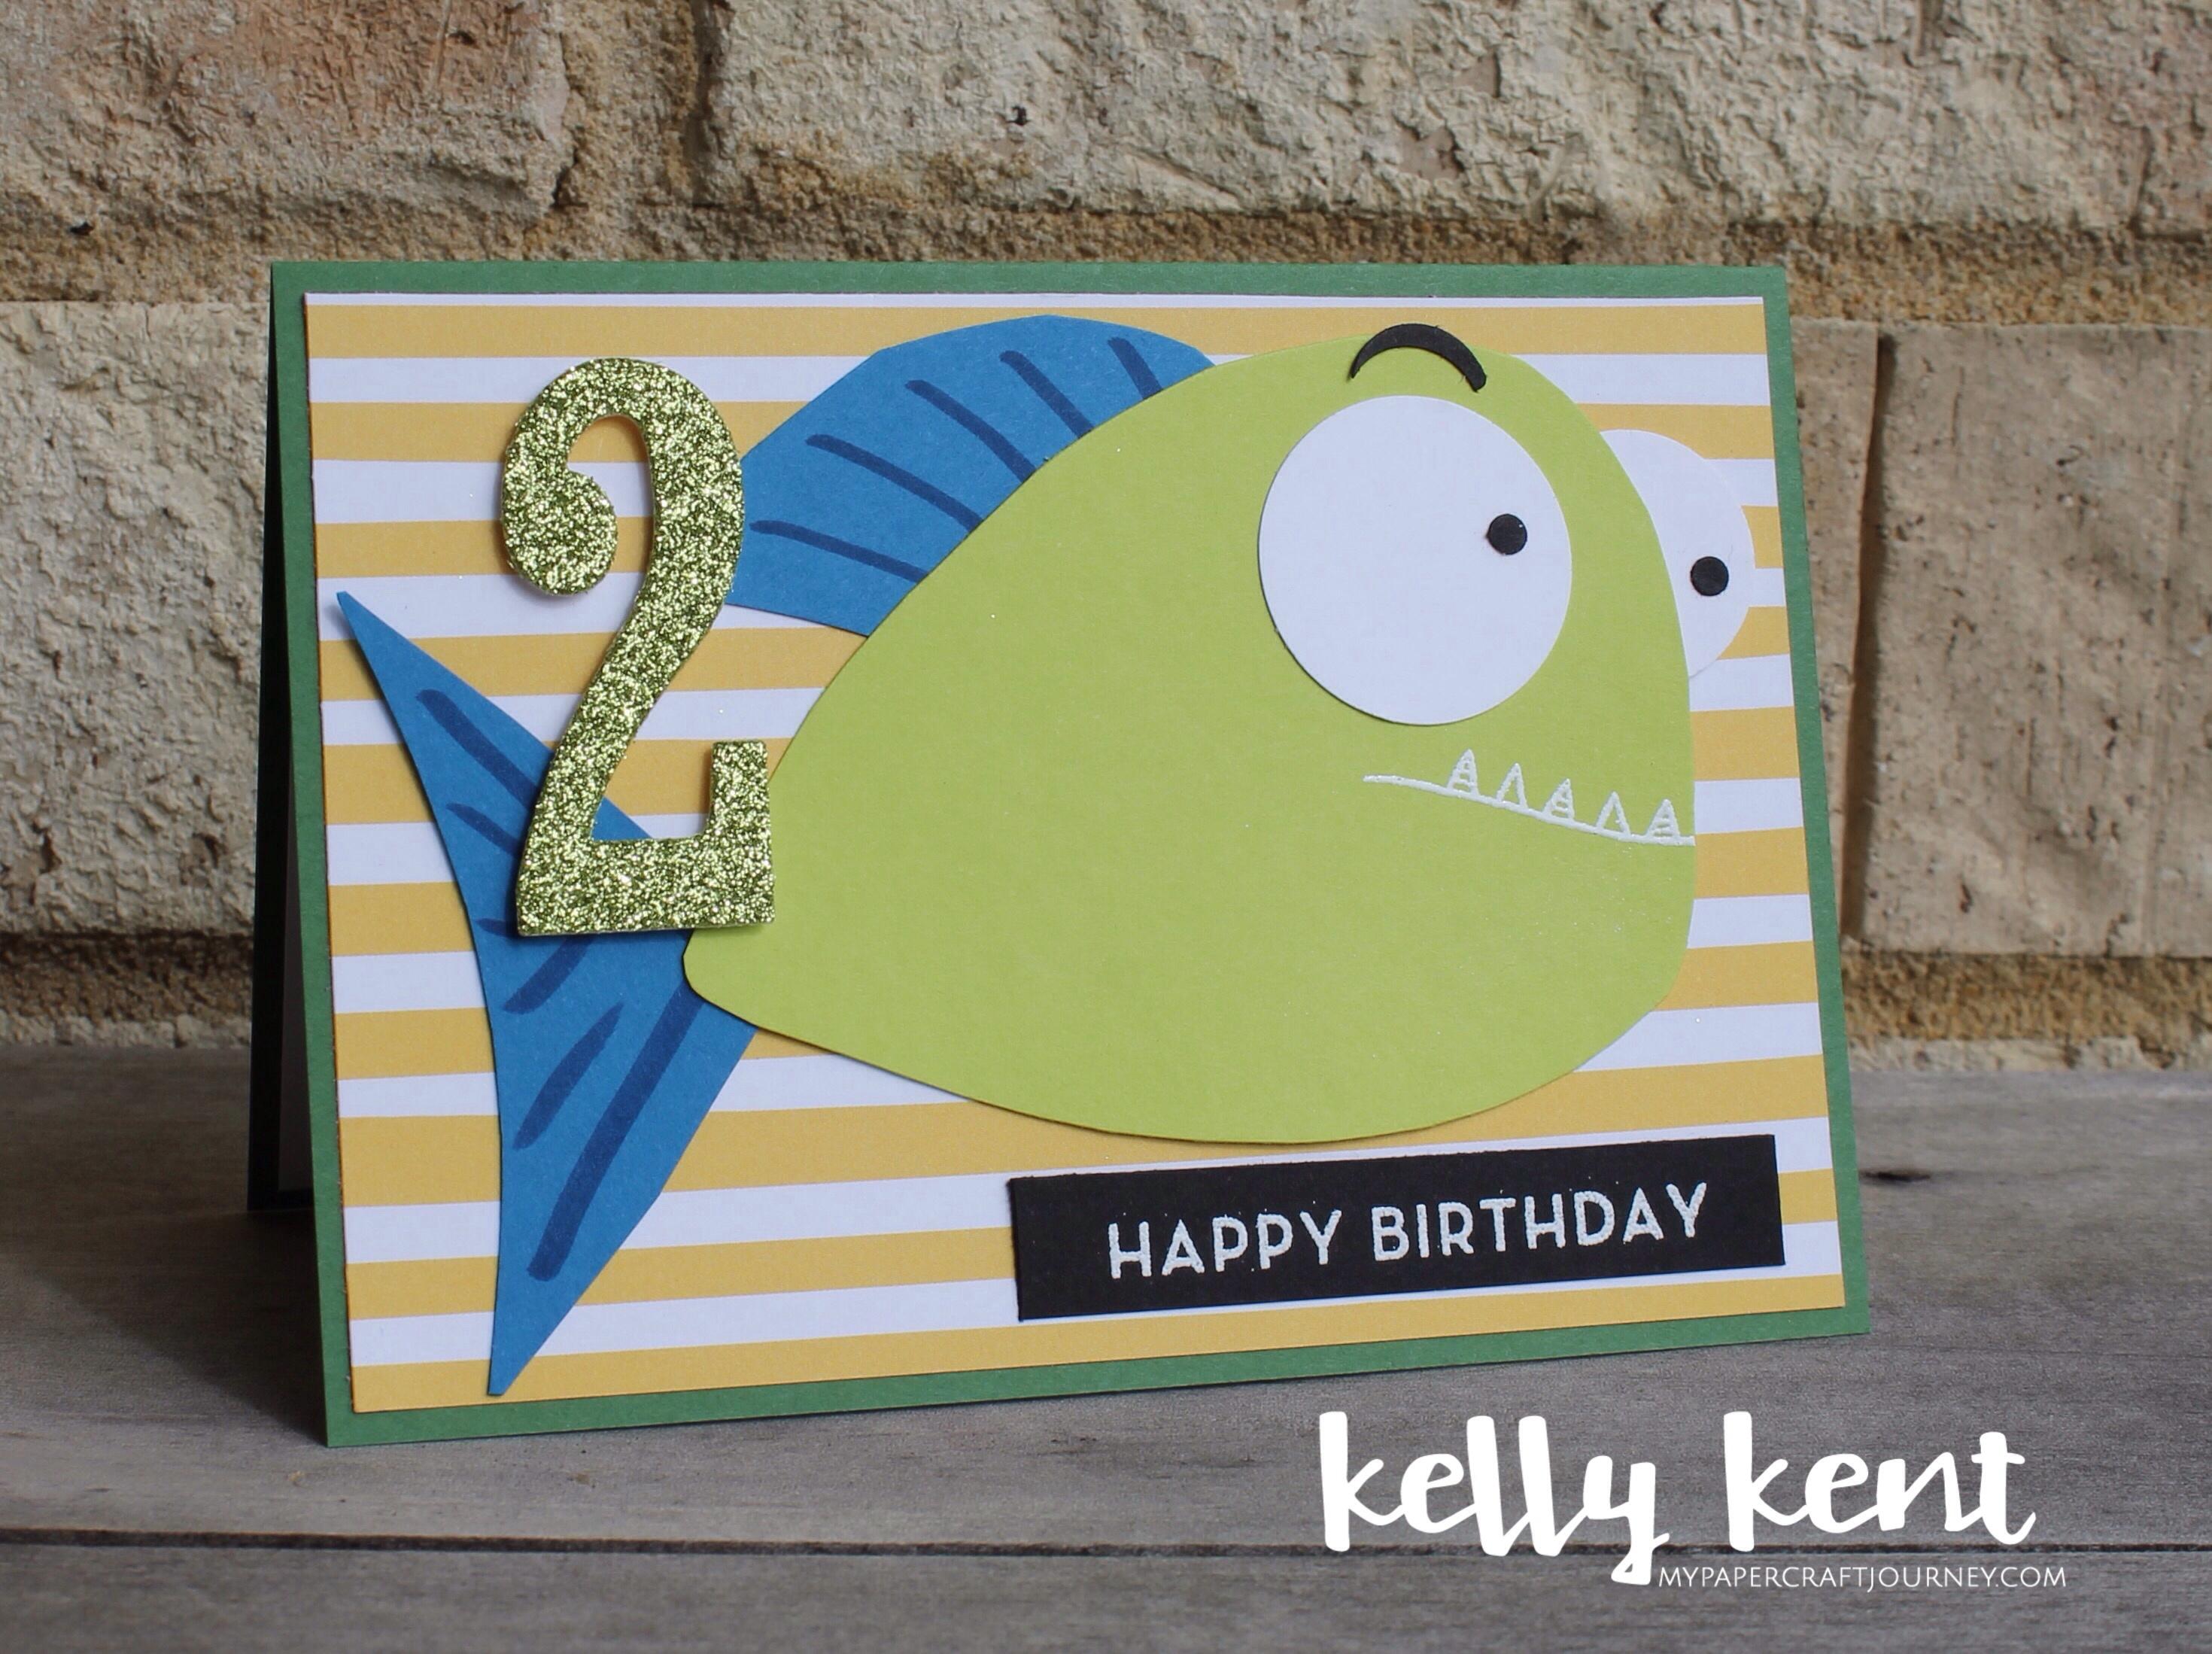 Piranhas Don't Eat Bananas | kelly kent